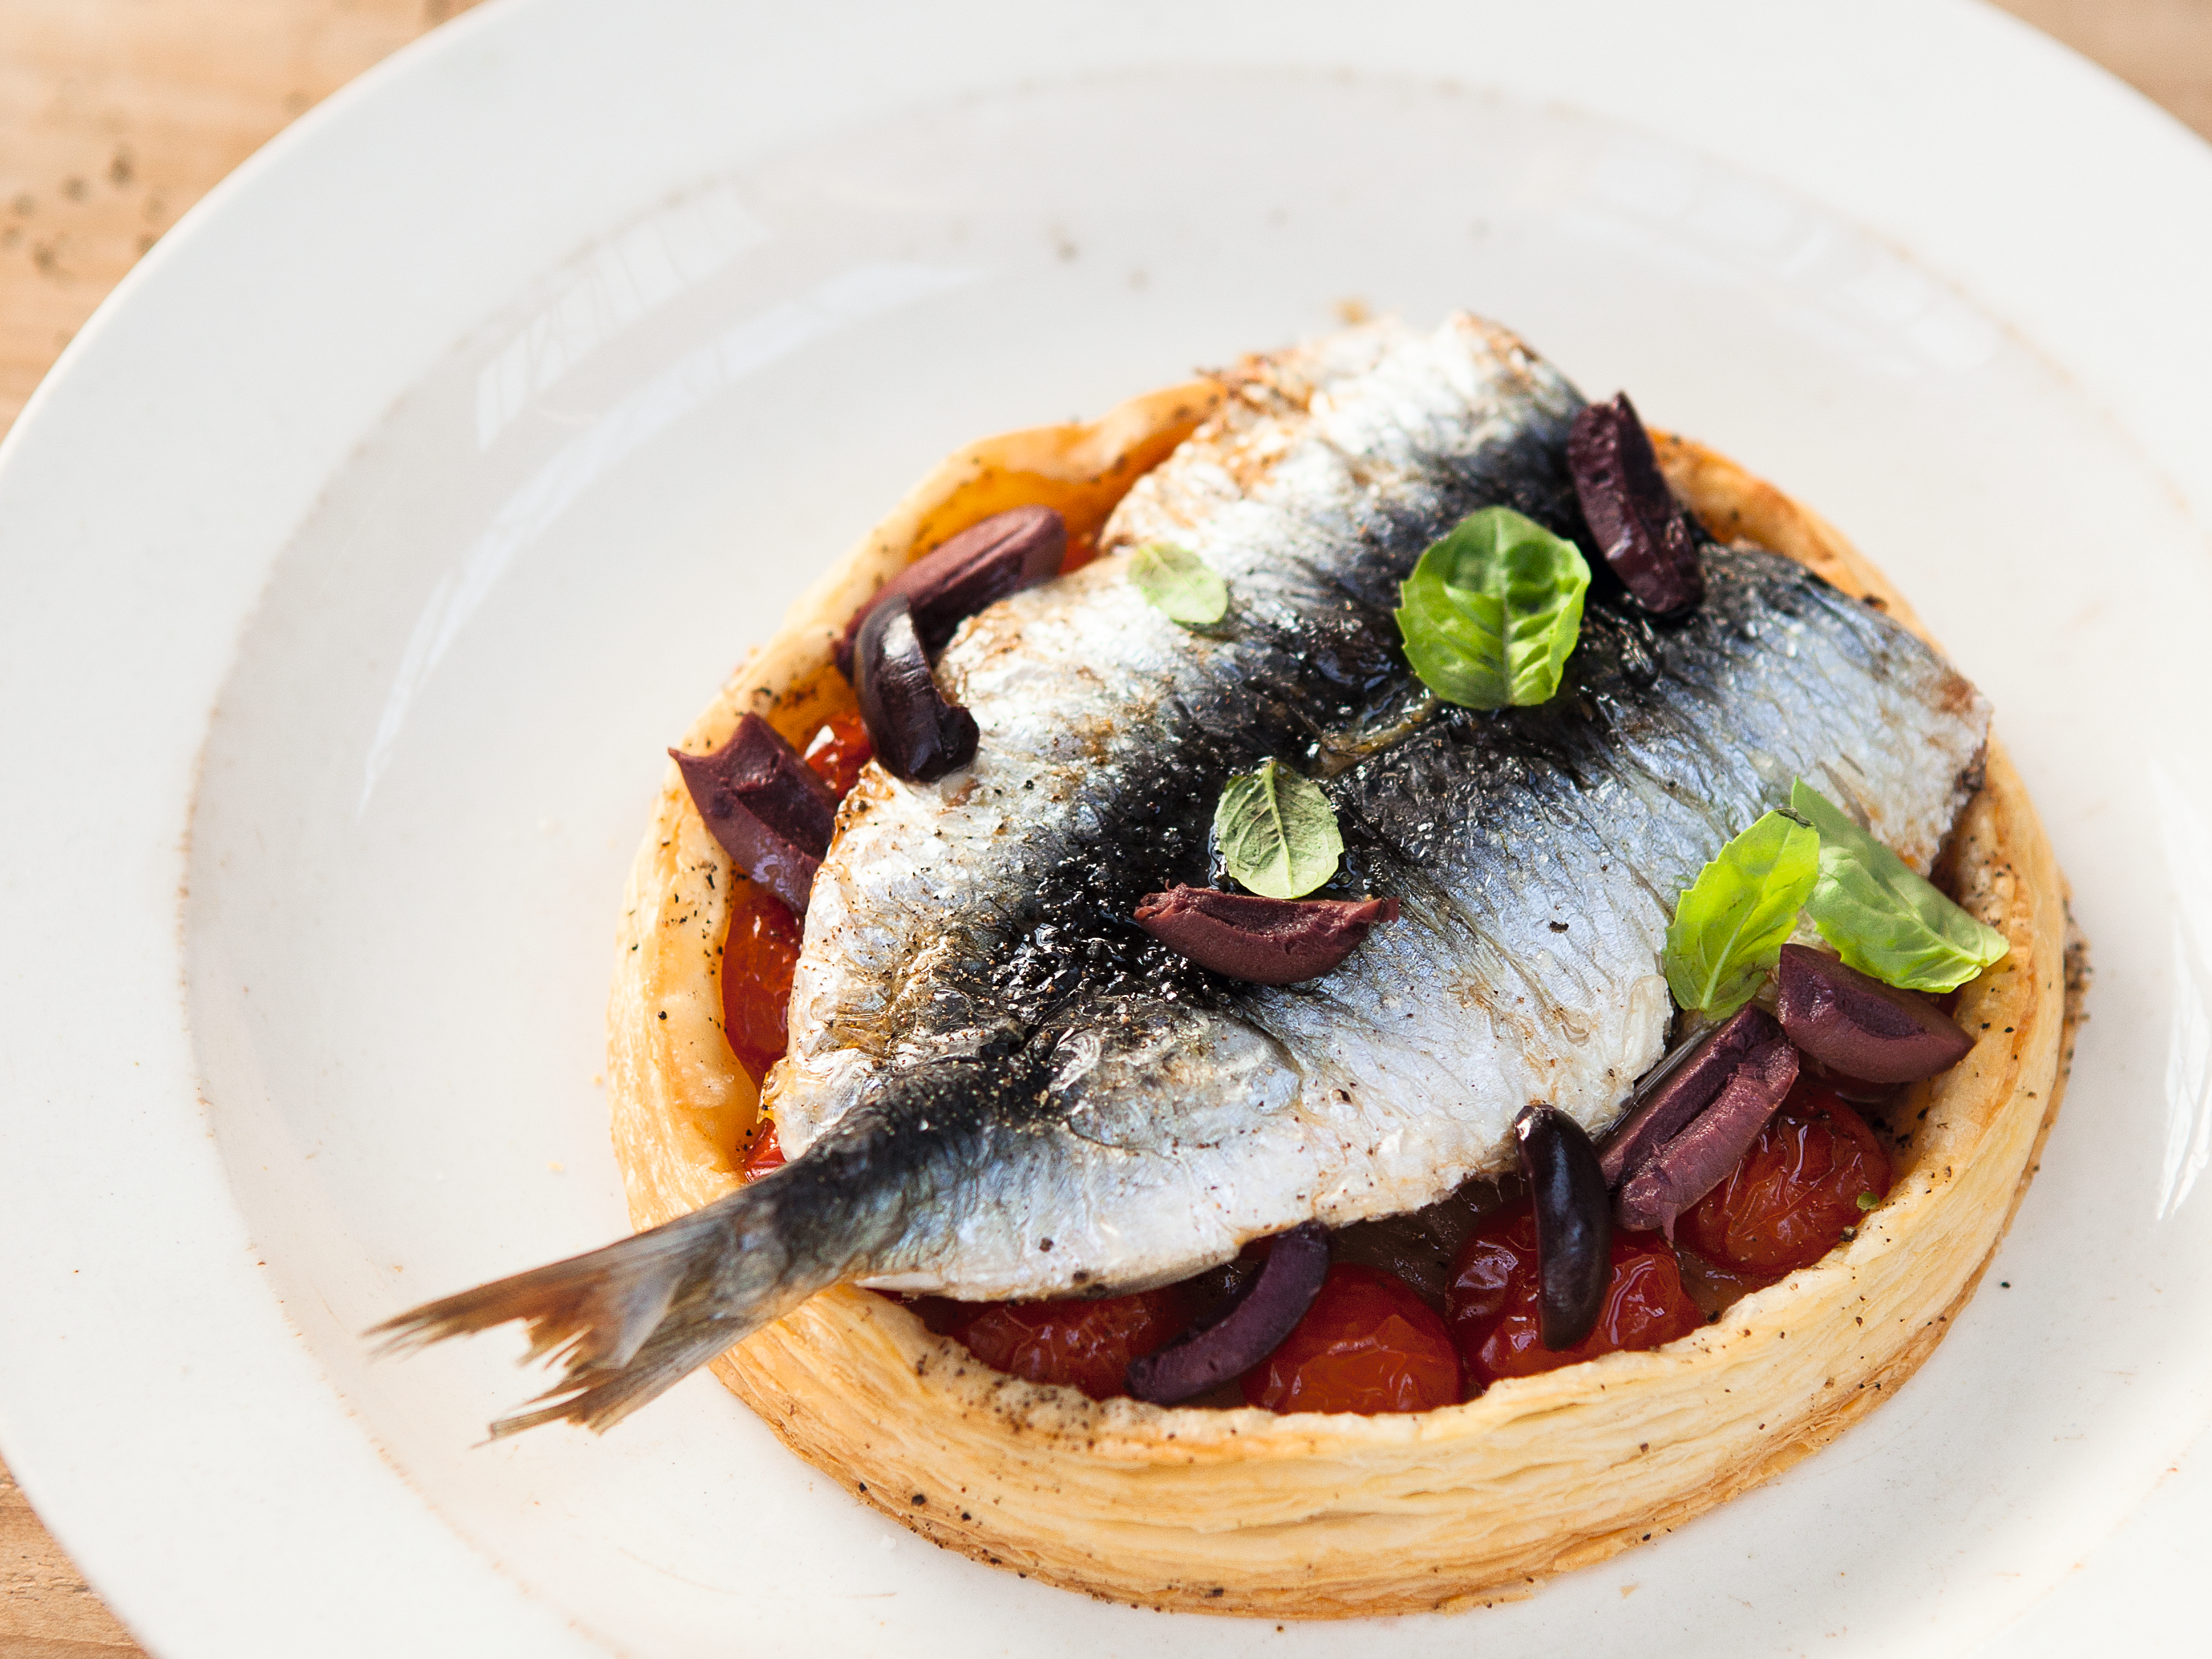 【野餐料理】沙丁魚番茄塔